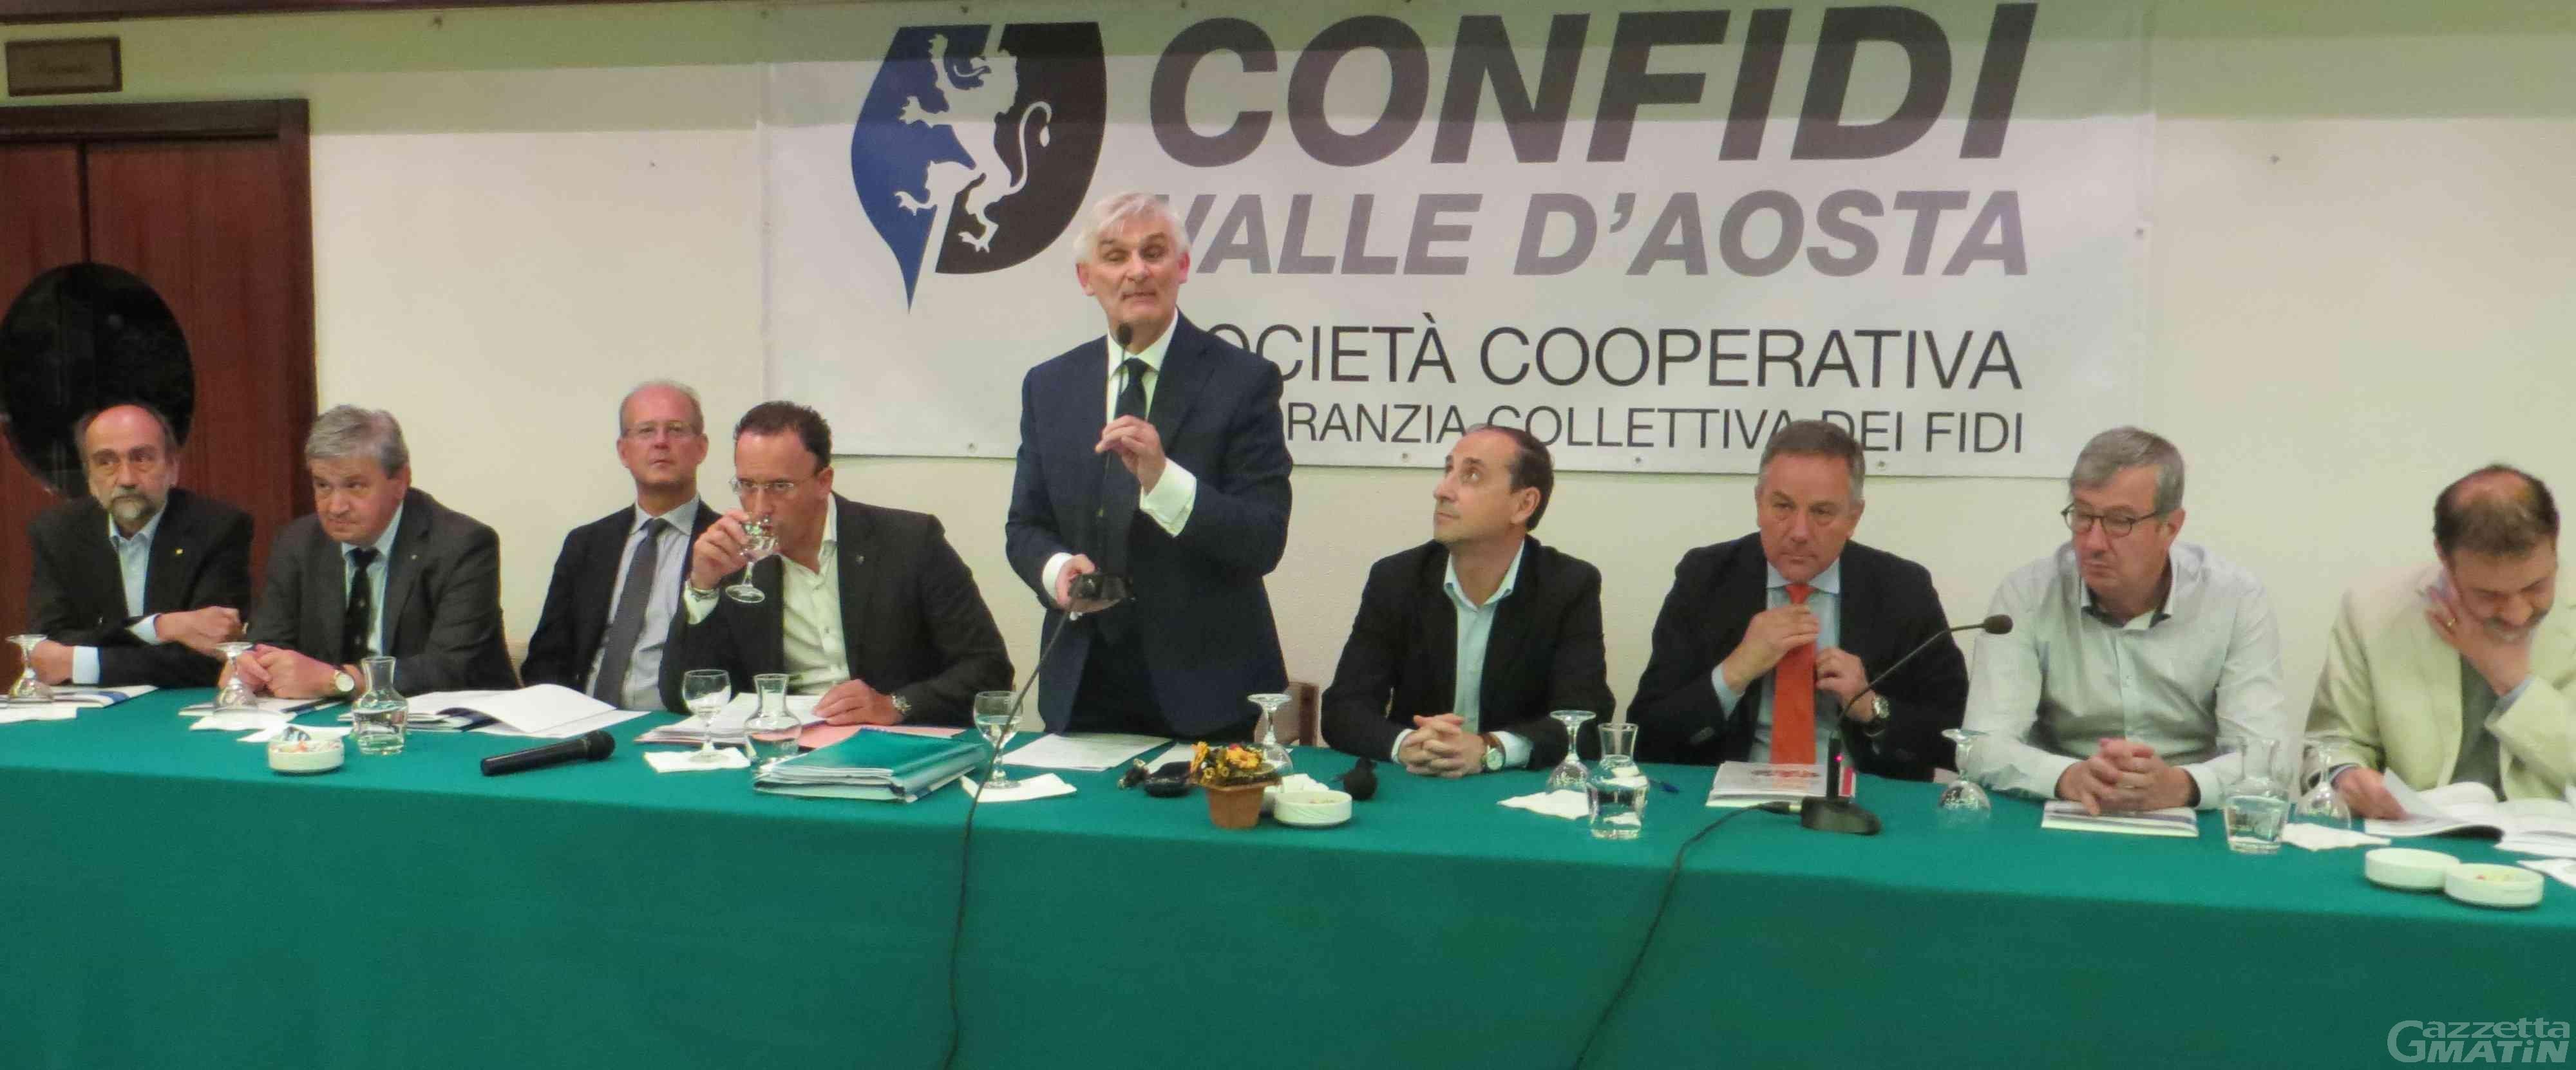 Assemblea Confidi Valle d'Aosta: 41 mila euro di utile, ma «basta tagli dalla Regione»